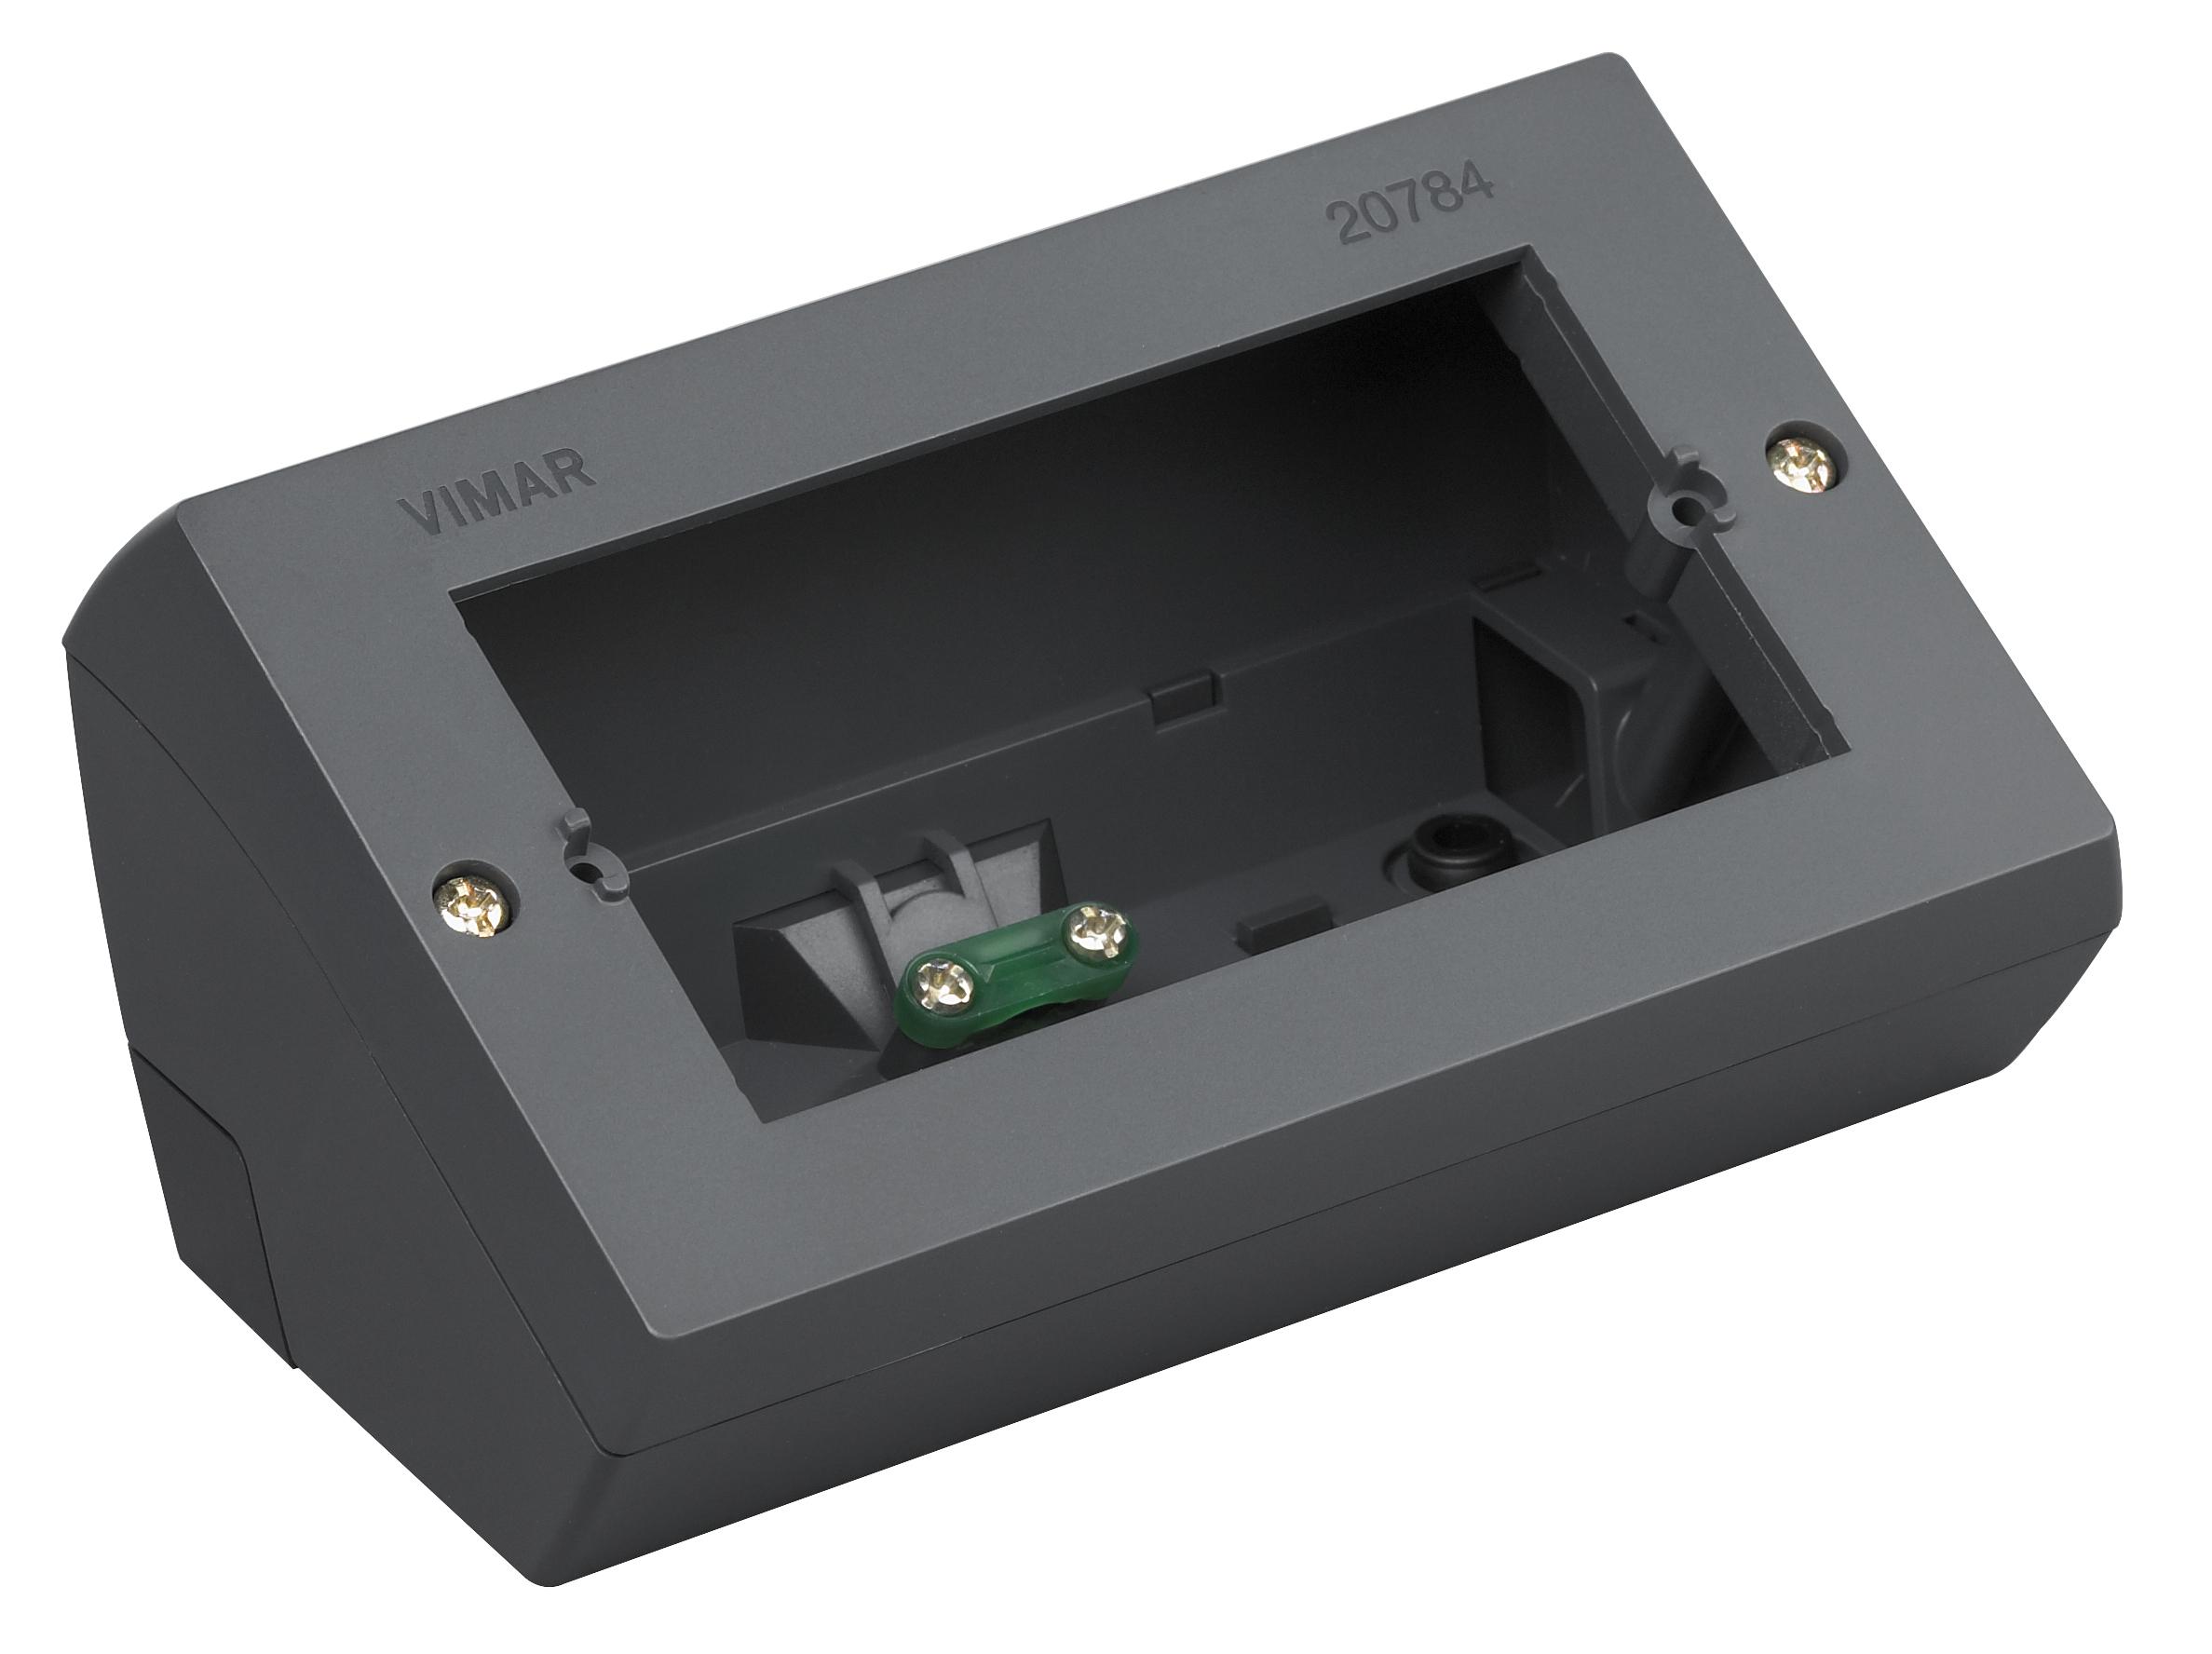 Da tavolo scatola da tavolo 4m grigio 20784 eikon catalogo prodotti vimar energia positiva - Impianto elettrico esterno canaline ...